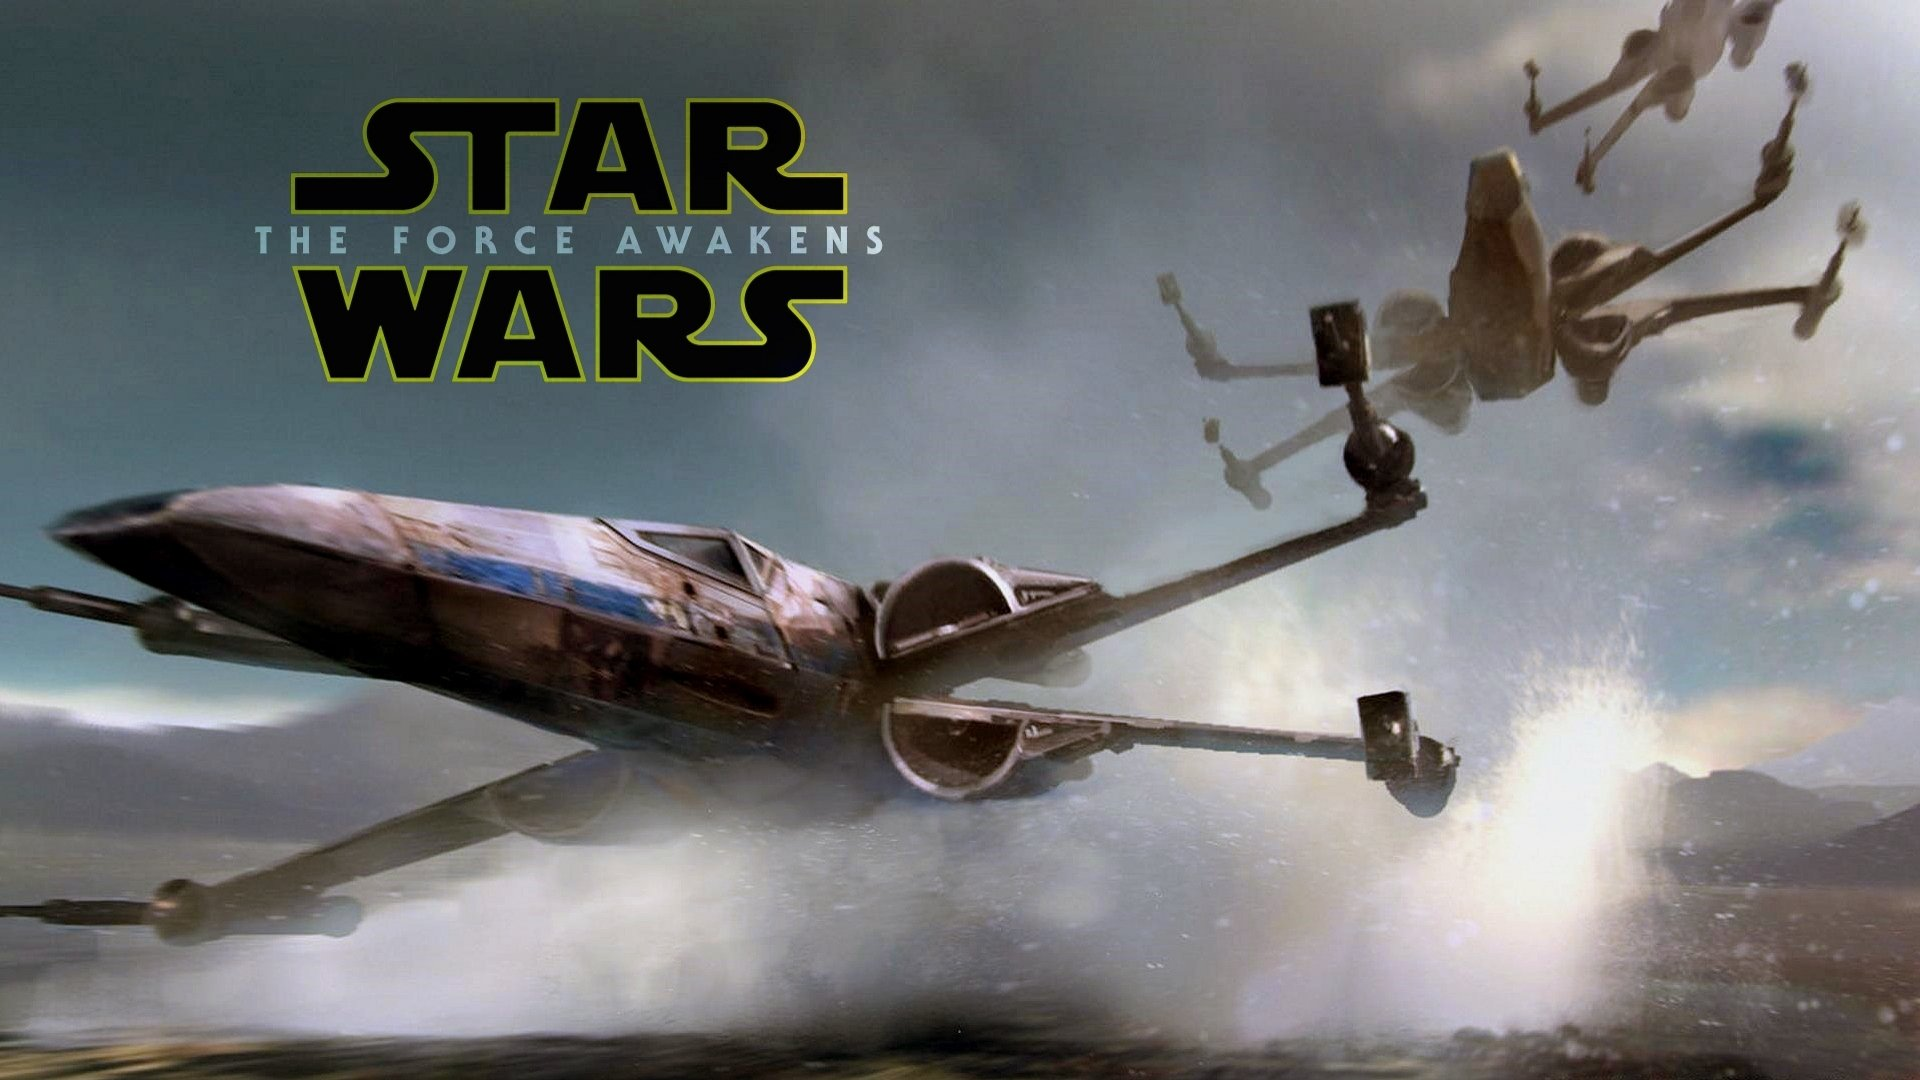 Best Star Wars: Force Awakens wallpaper for 2015 : Giant ...